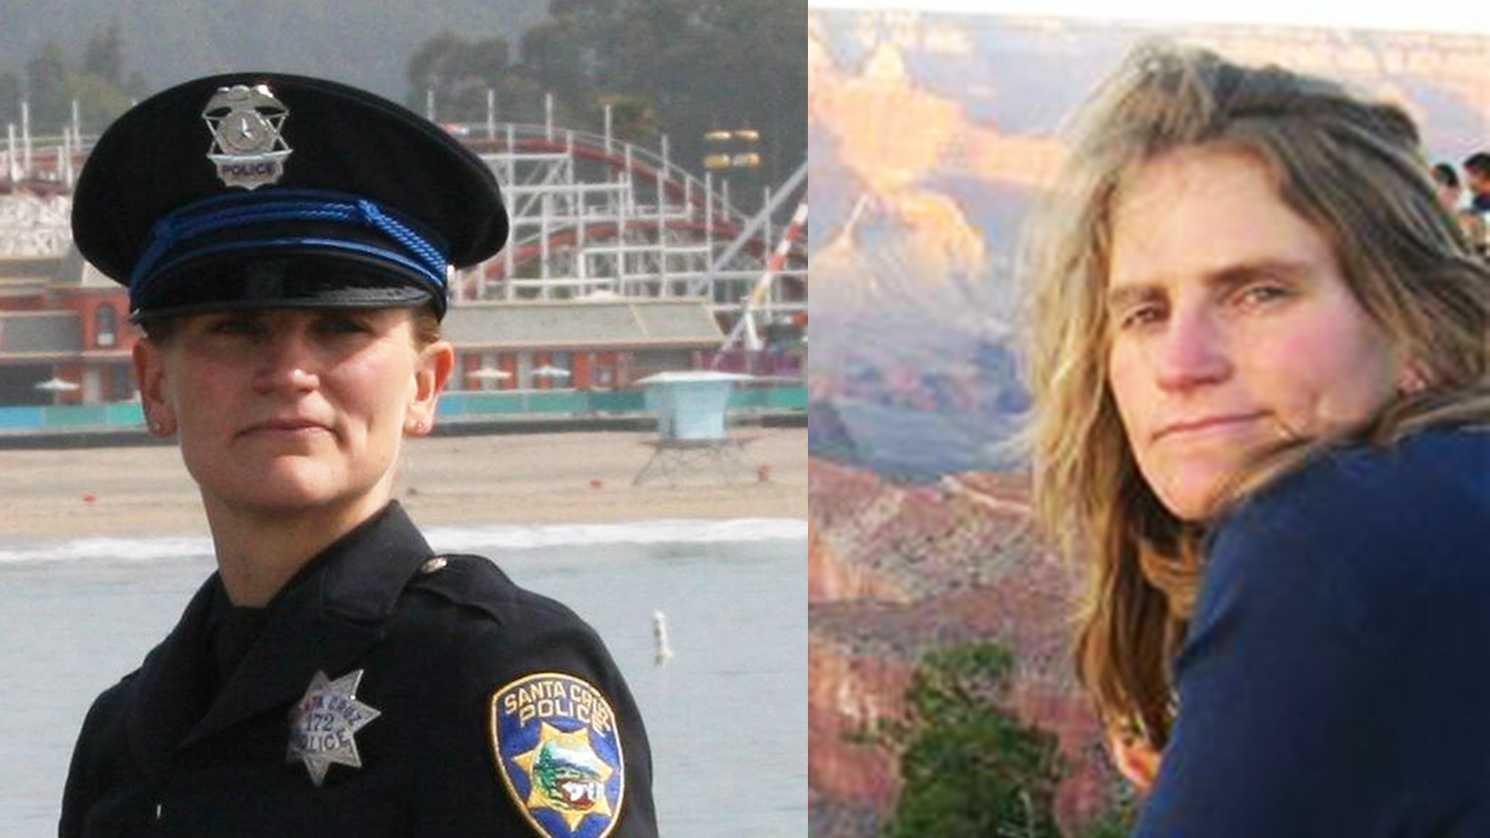 Det. Elizabeth Butler served on the Santa Cruz police force for 10 years.